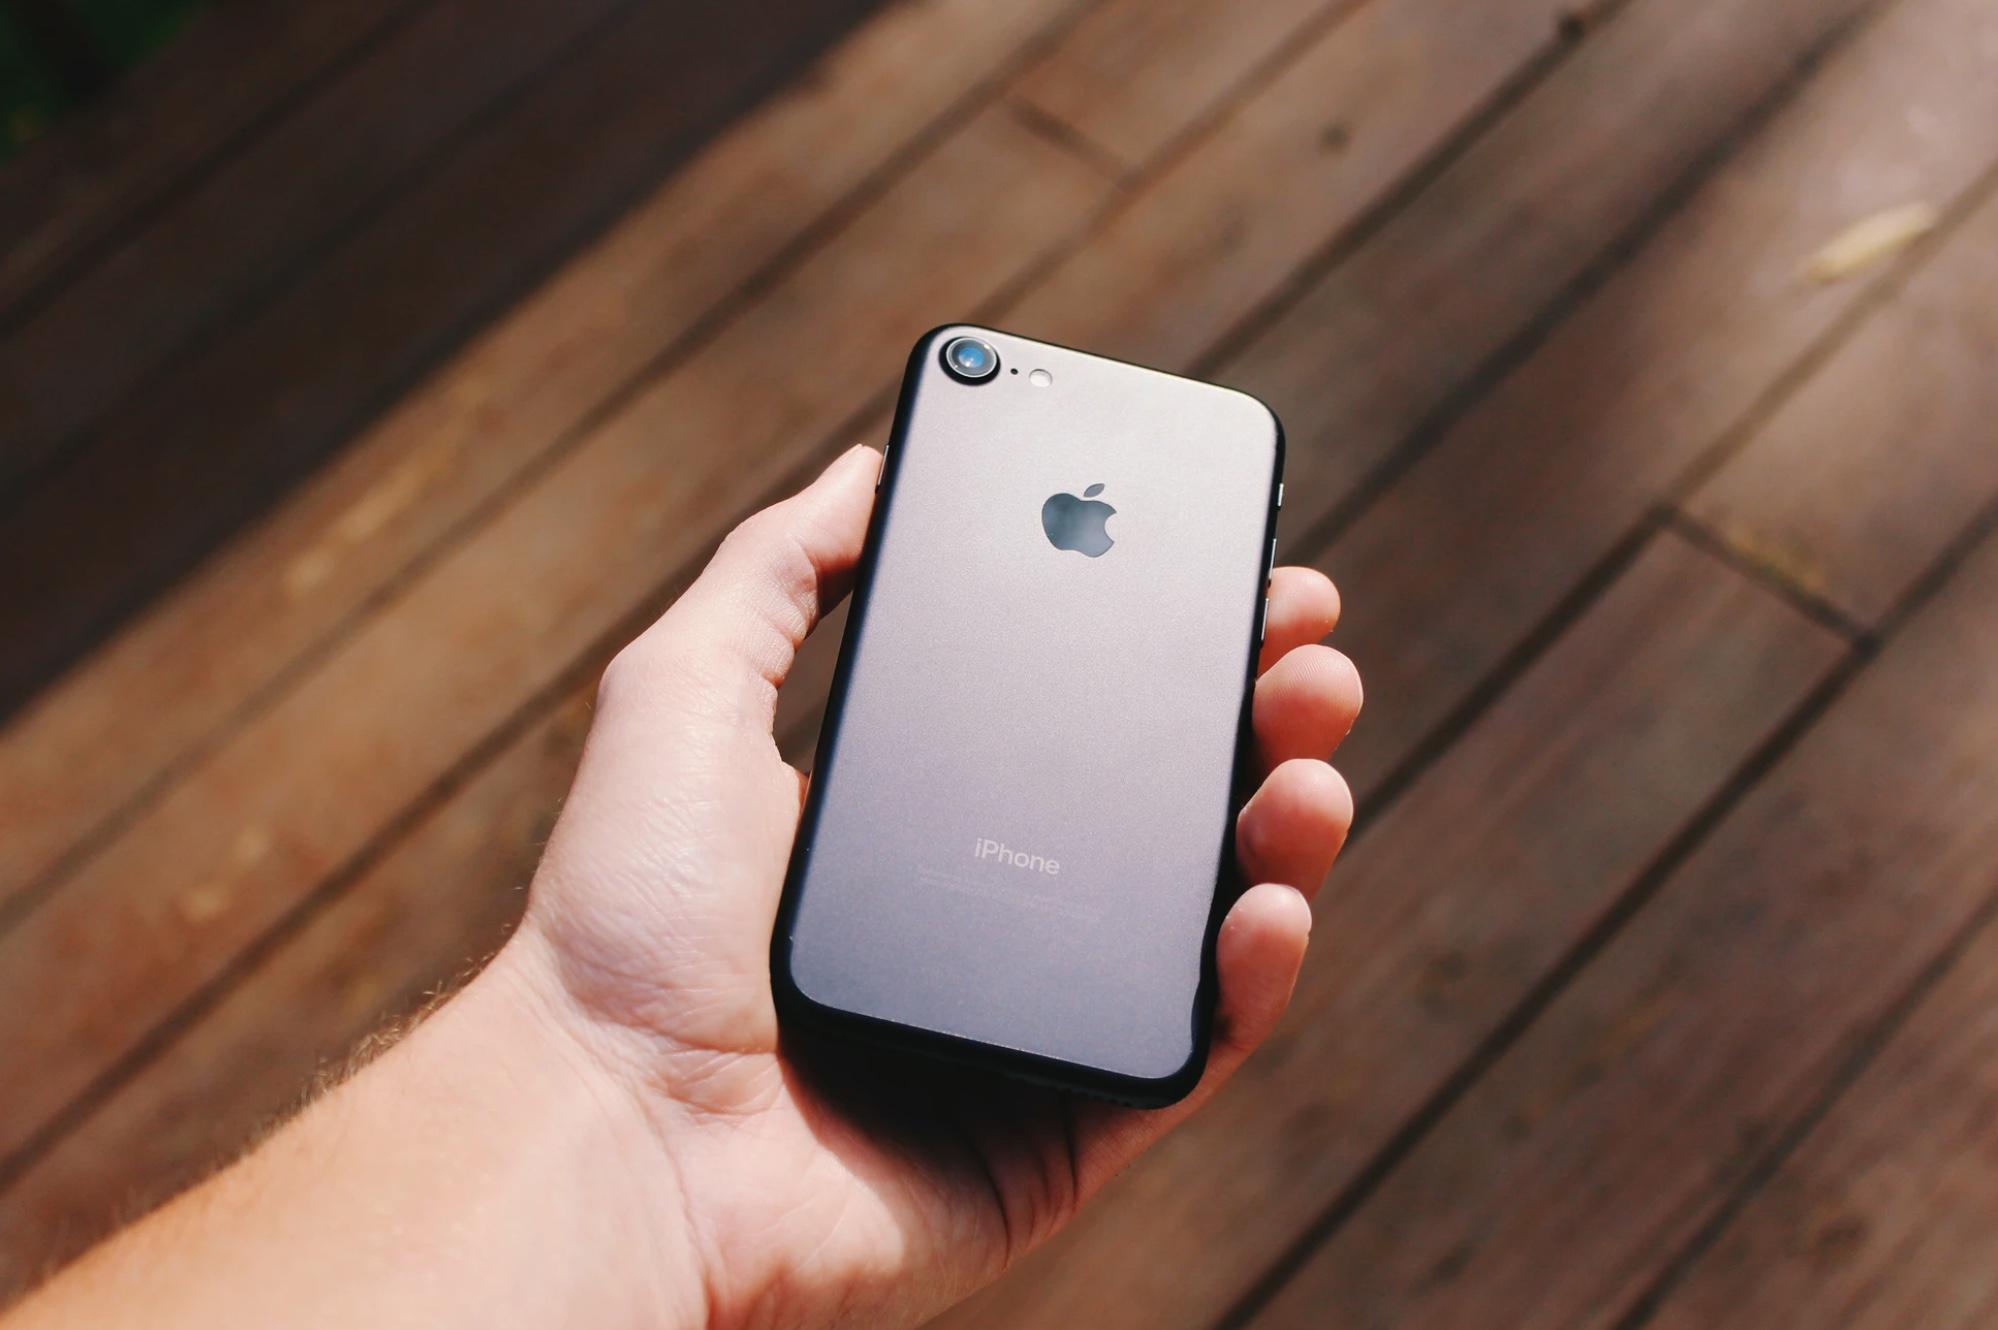 Ici un iPhone 8, lancé en 2017, pour illustration